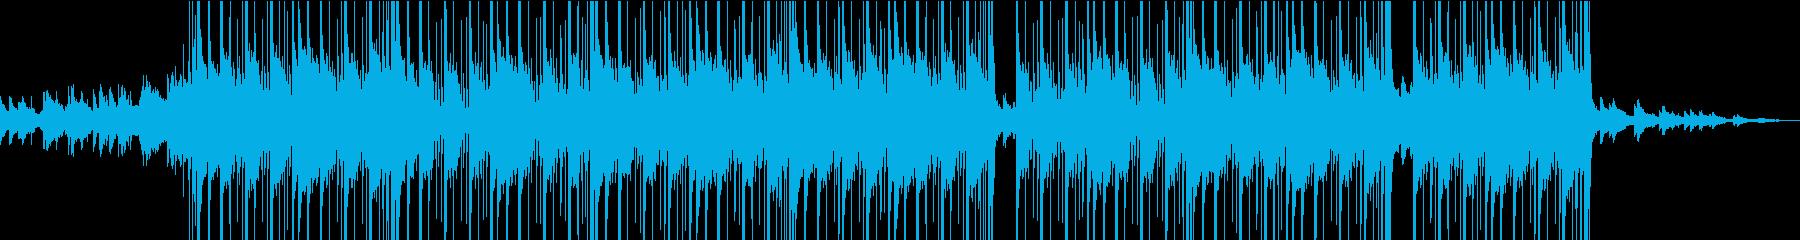 ギター、ヒップホップ、トラップビートの再生済みの波形